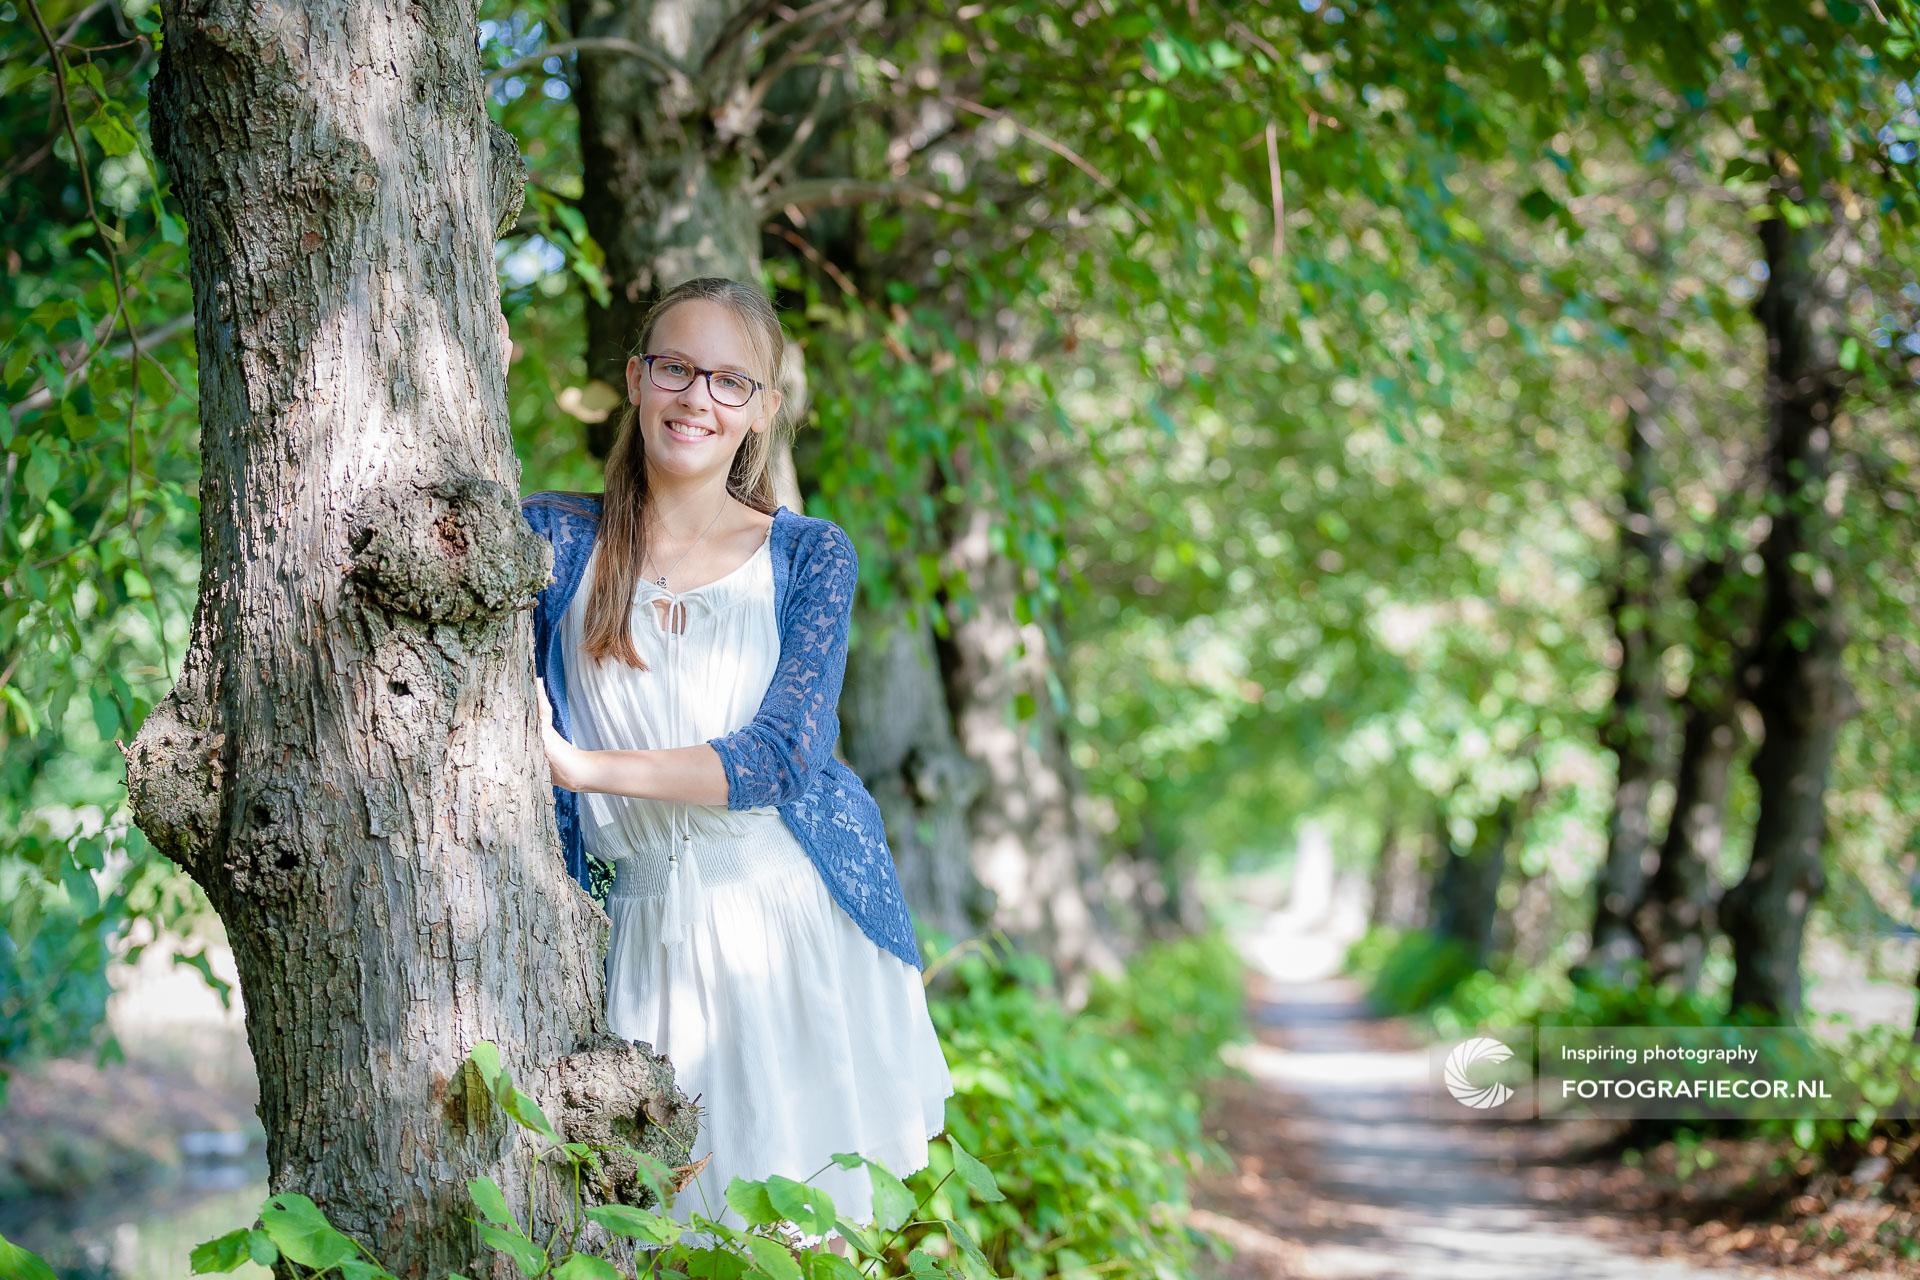 Vaassen | fotoshoot | zonnig | kinderen | gezin | foto | portret | fotograaf